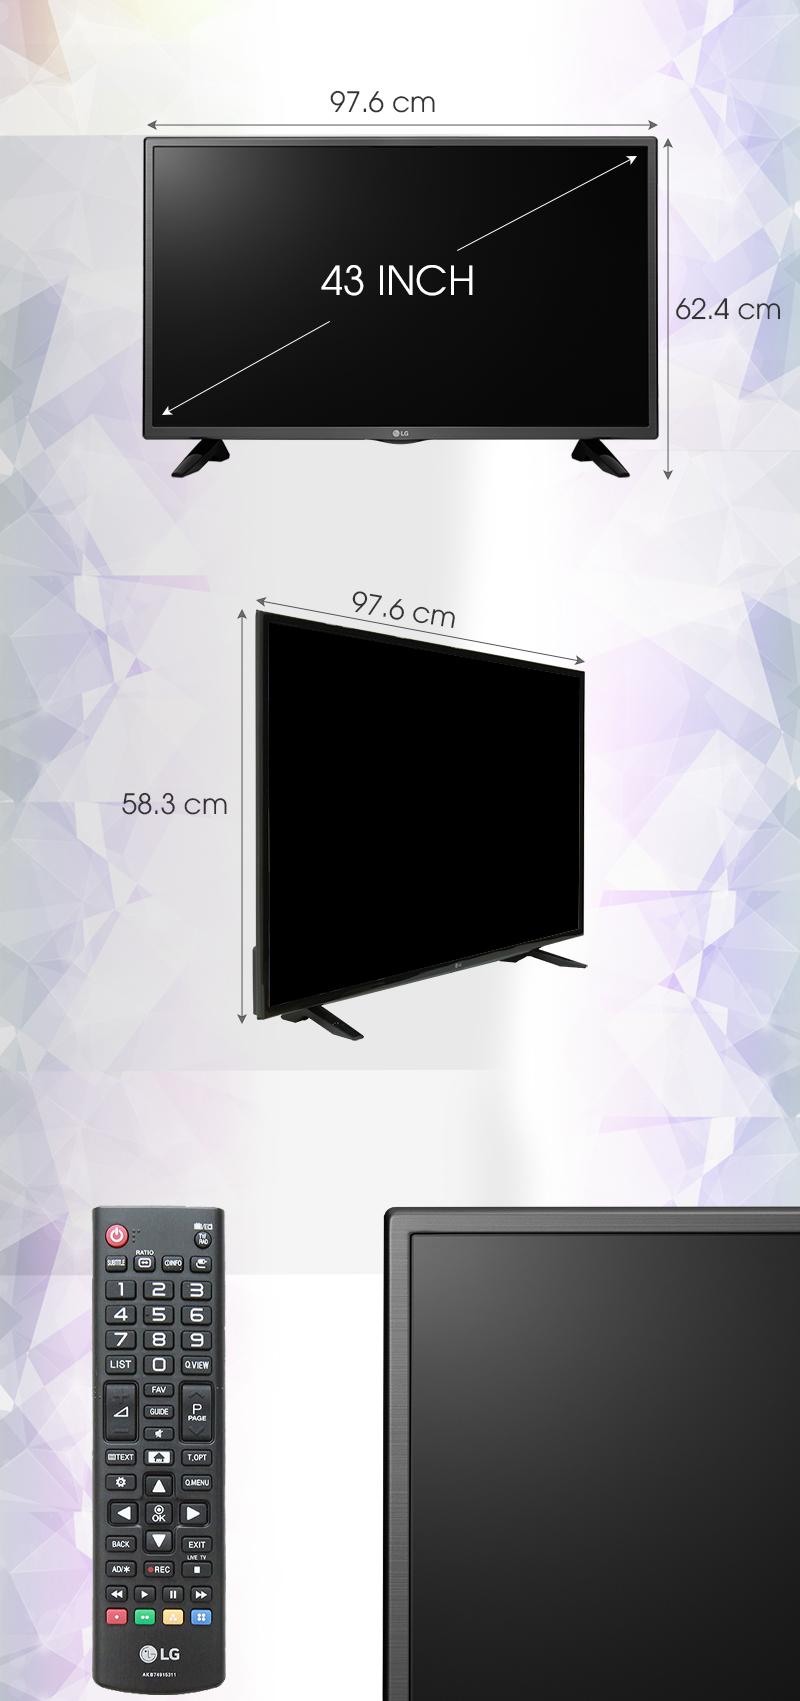 Tivi LG 43 inch 43LH511T - Kích thước